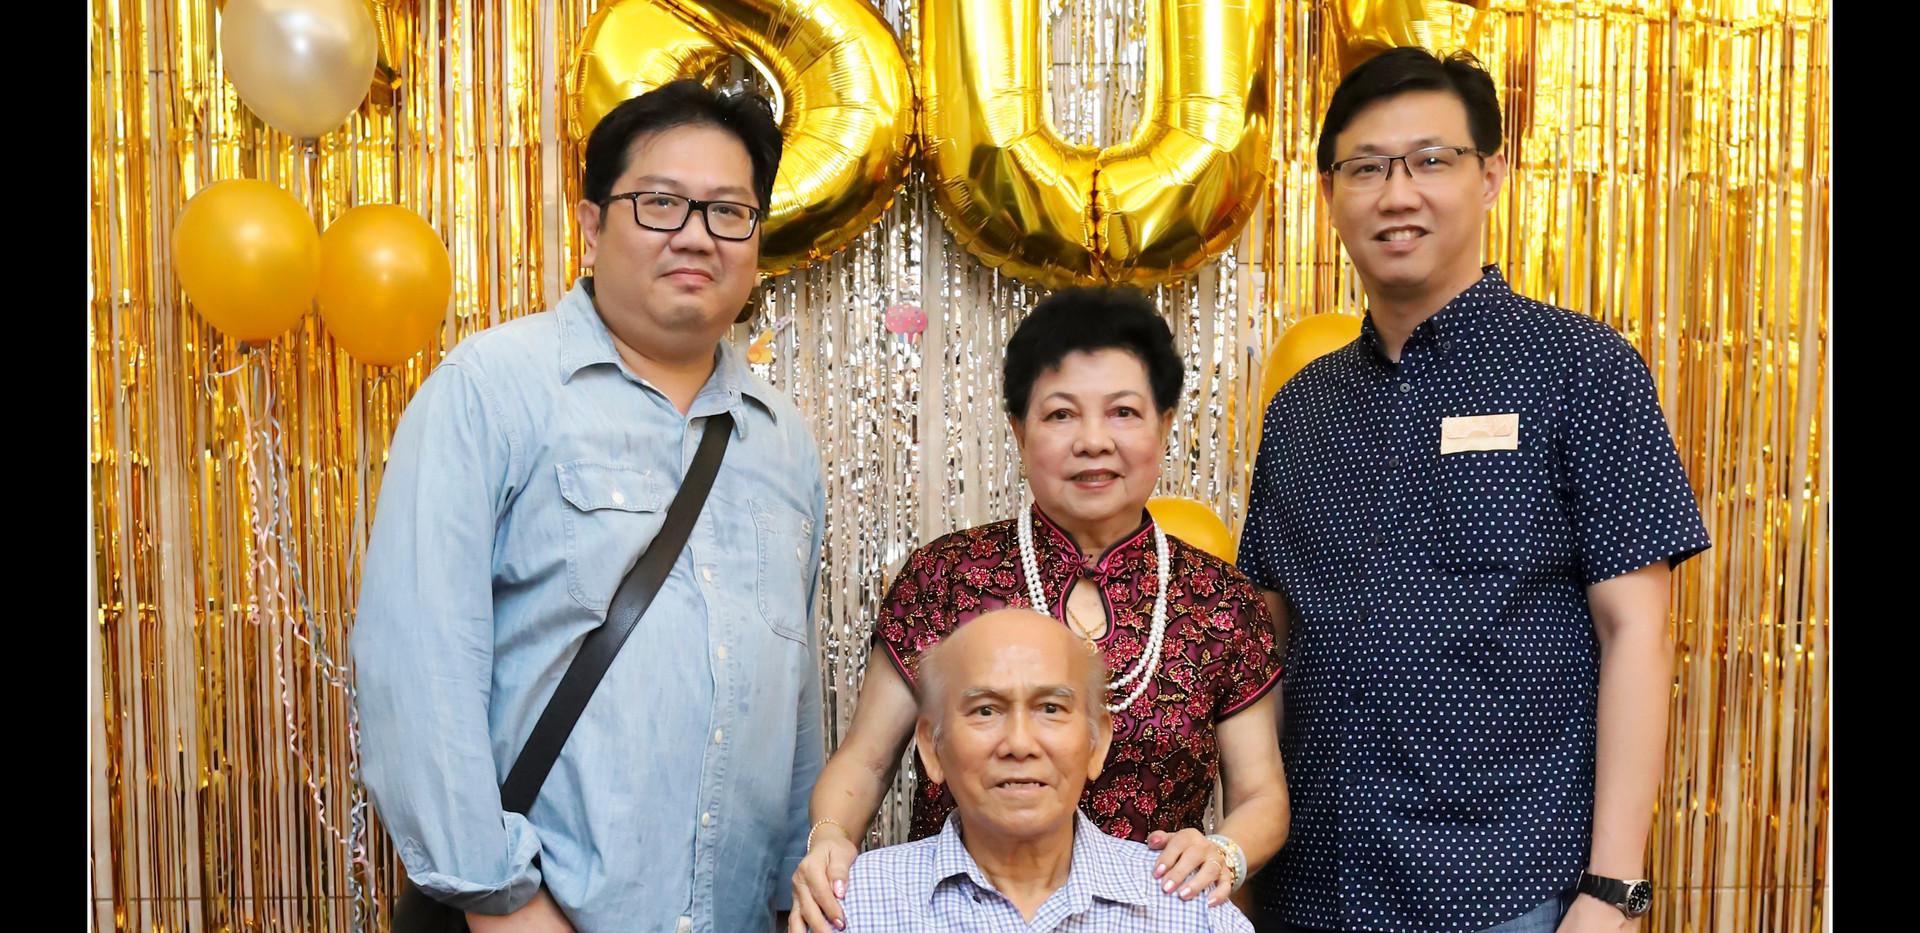 2019_Mdm Chiang 80th Birthday_6D2_0089.j